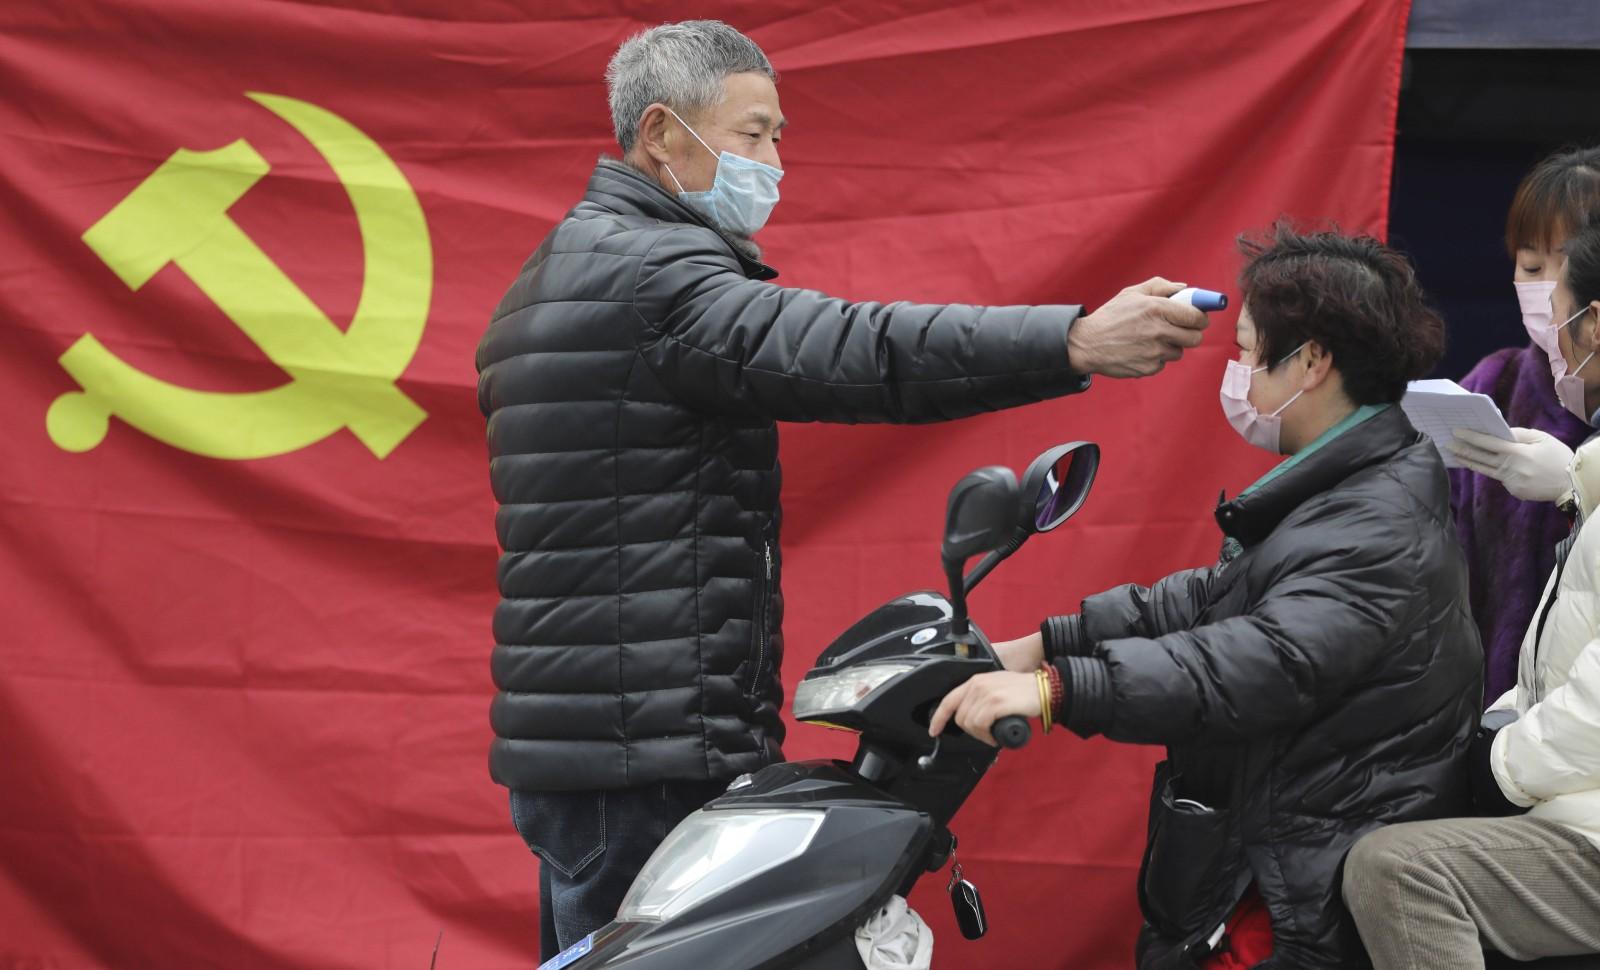 En février 2020, à Hangzhou (Est de la Chine), un volontaire prend la température d'un conducteur de scooter © AP/SIPA Numéro de reportage: AP22425472_000001